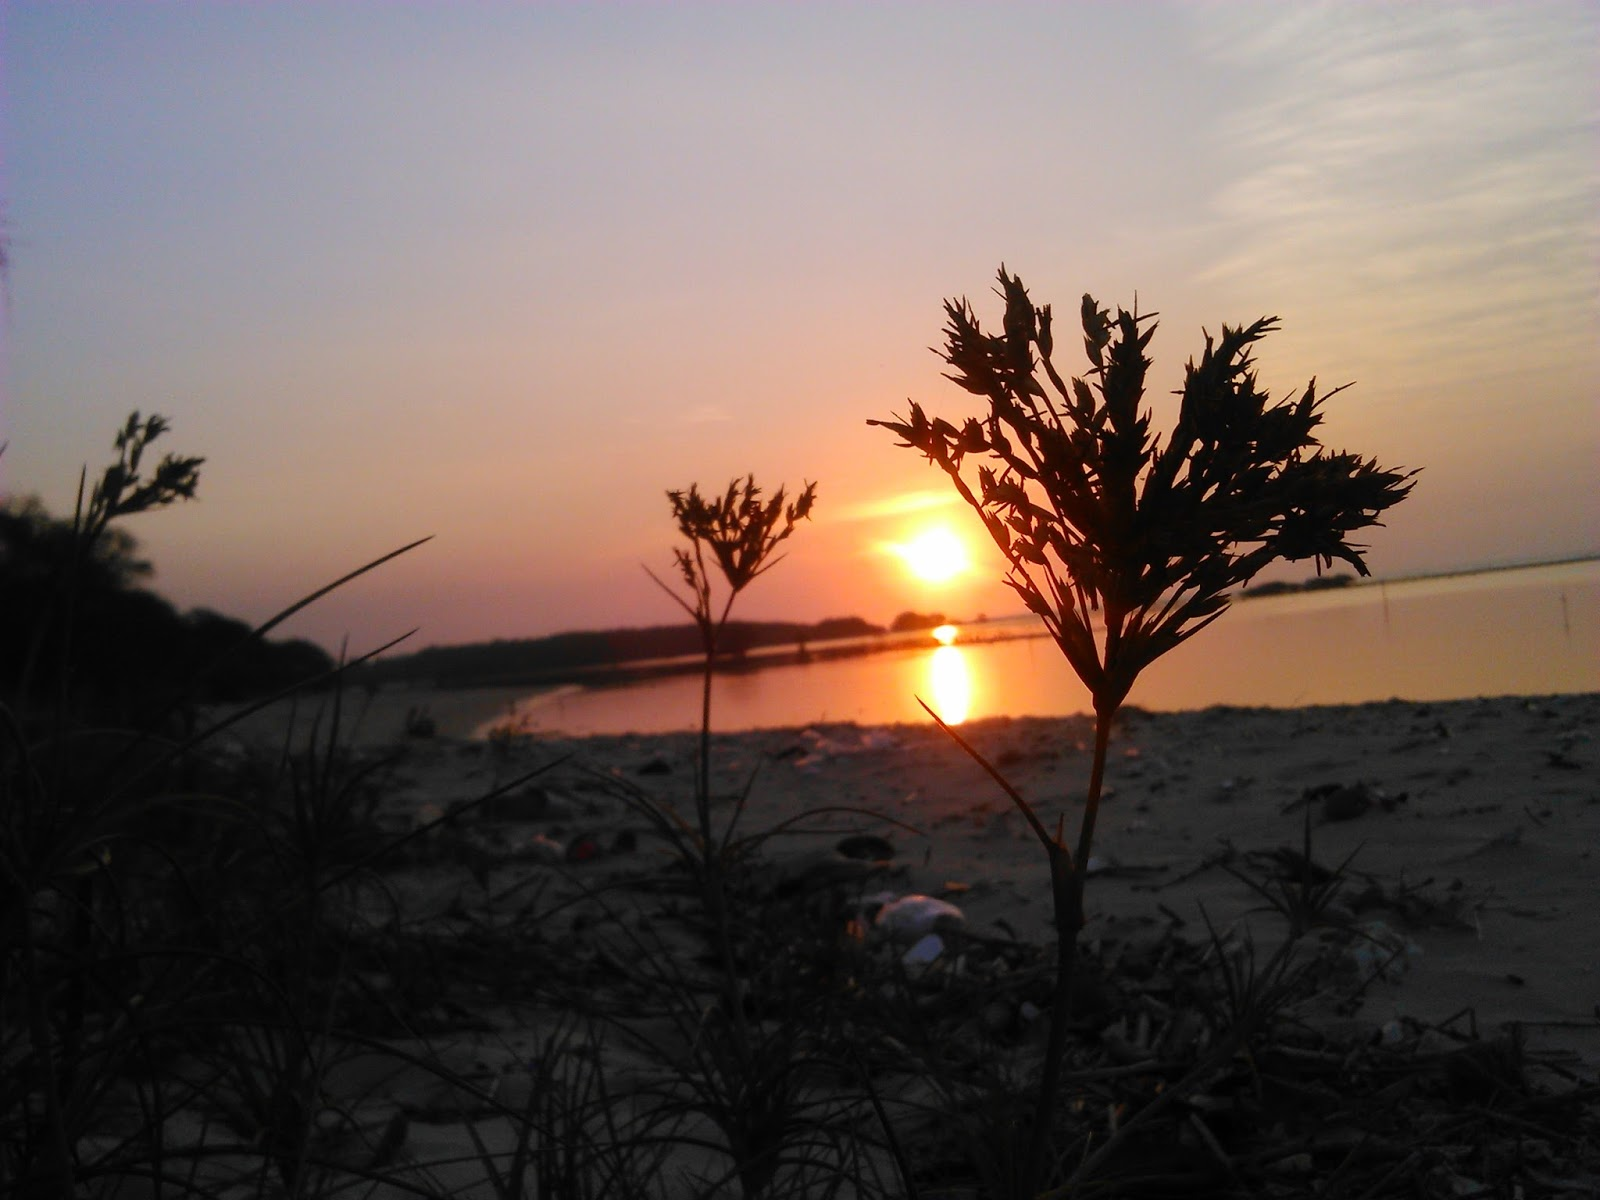 Indahnya Pantai Tengket Maneron Perawan Pesisir Bangkalan Dsc 0440 Kab